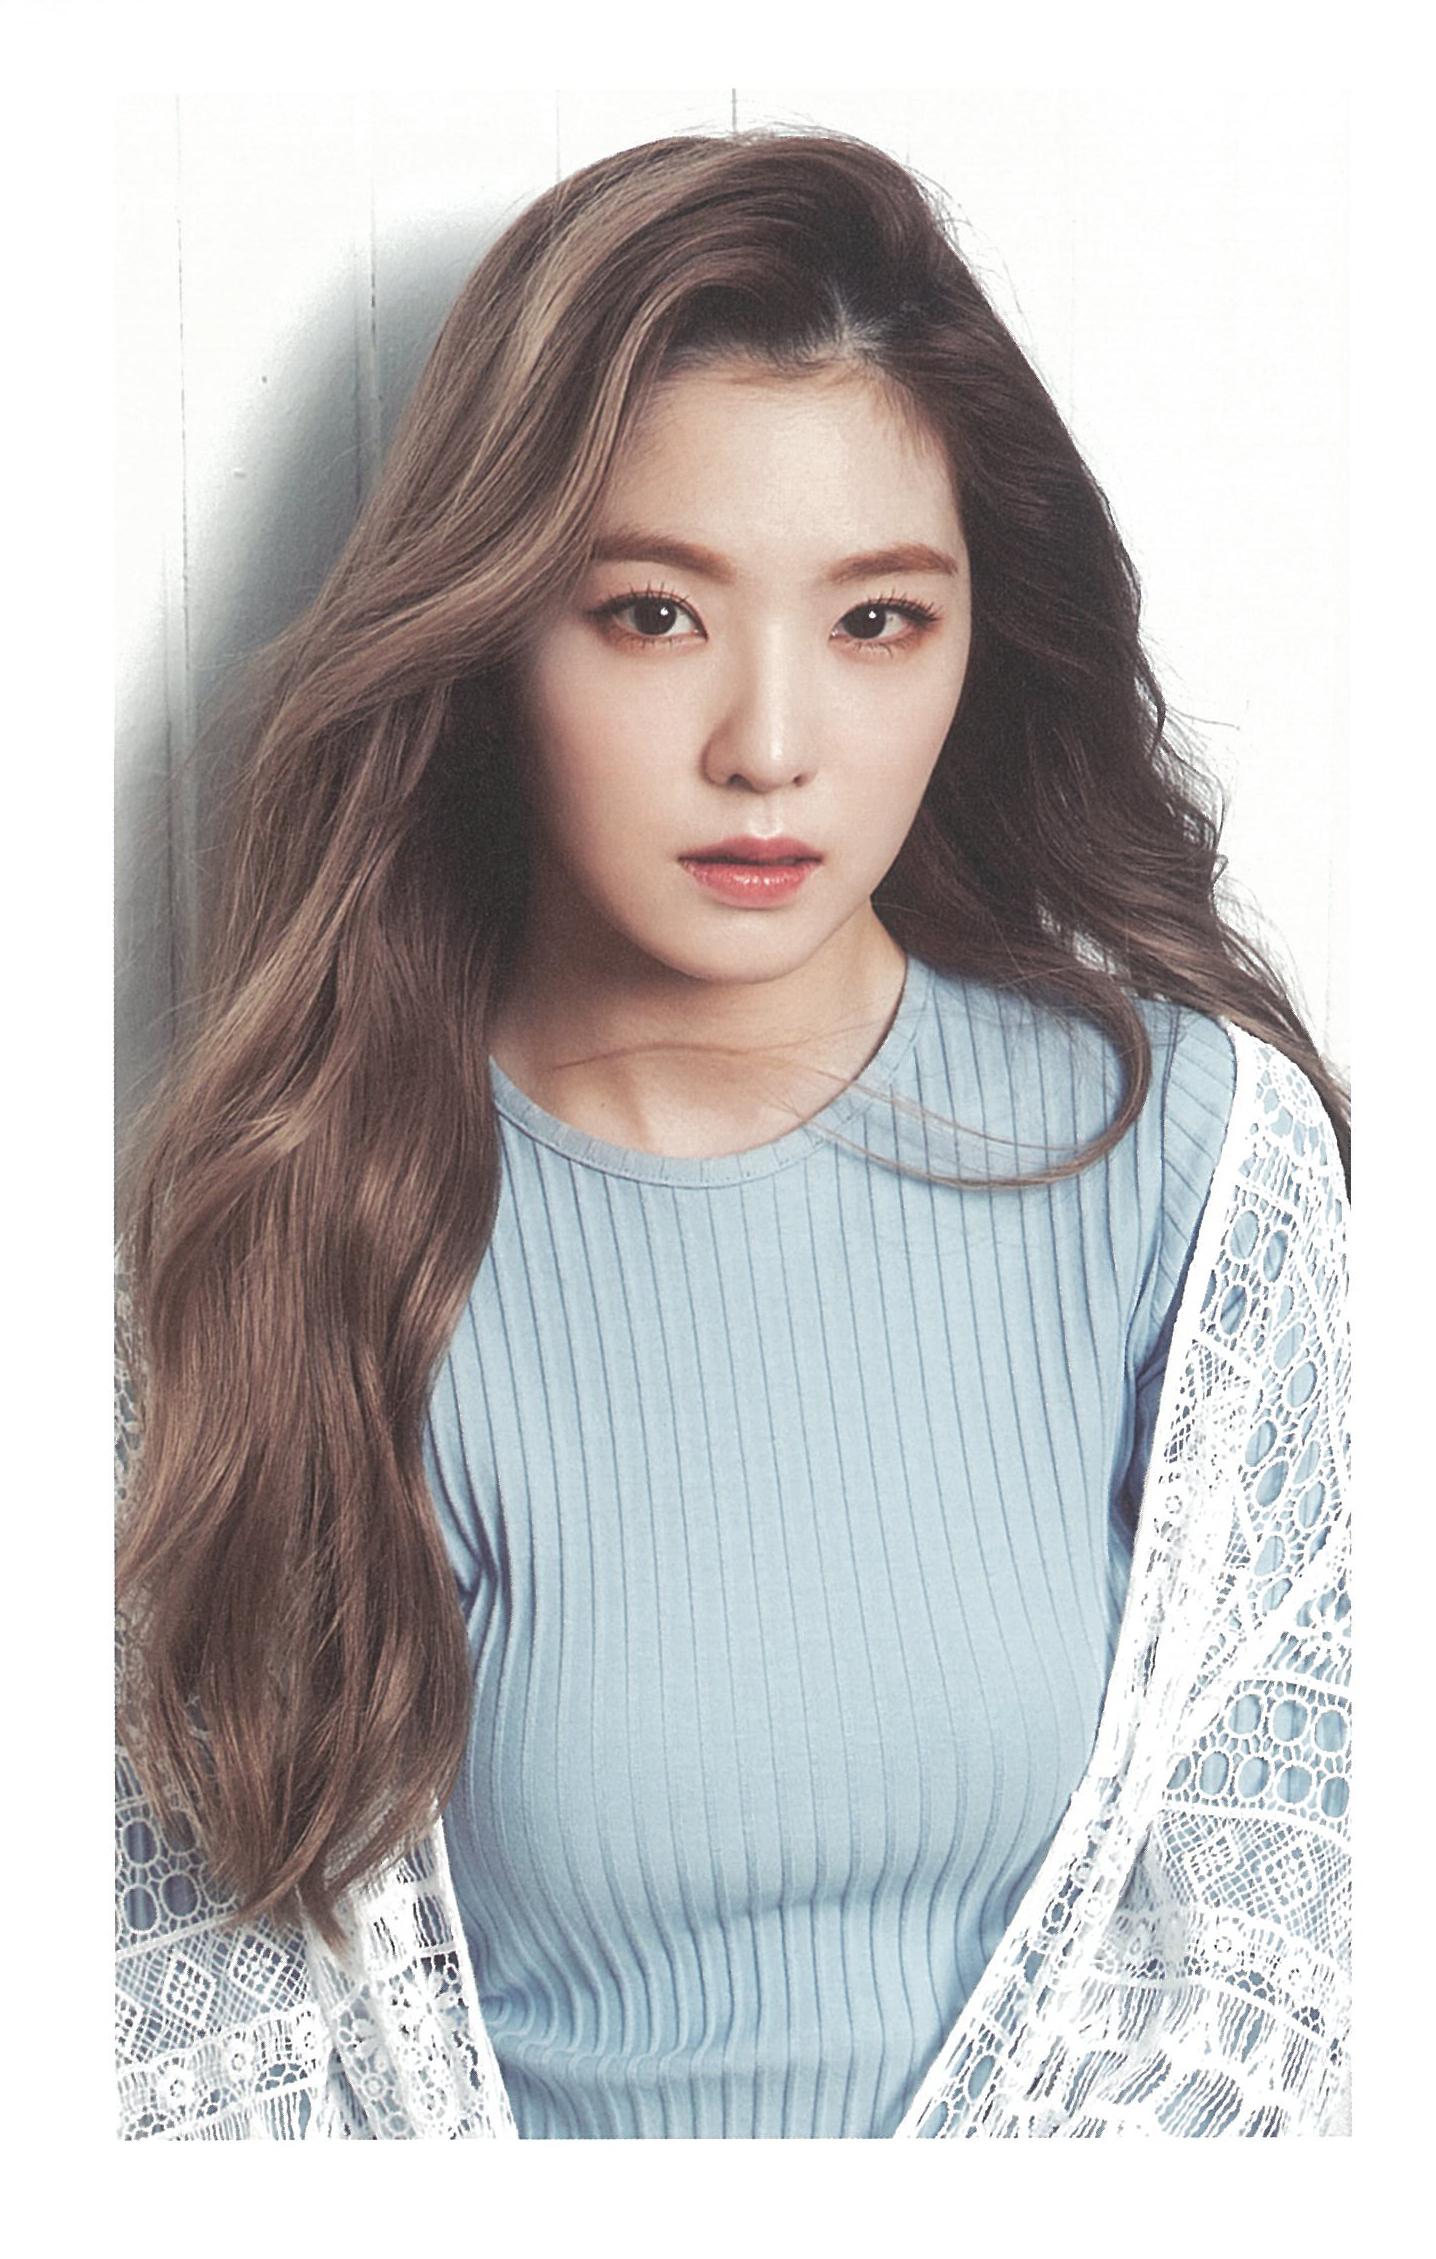 Irene Red Velvet Hd 10 Most Popular Red Velvet Irene Wallpaper Full